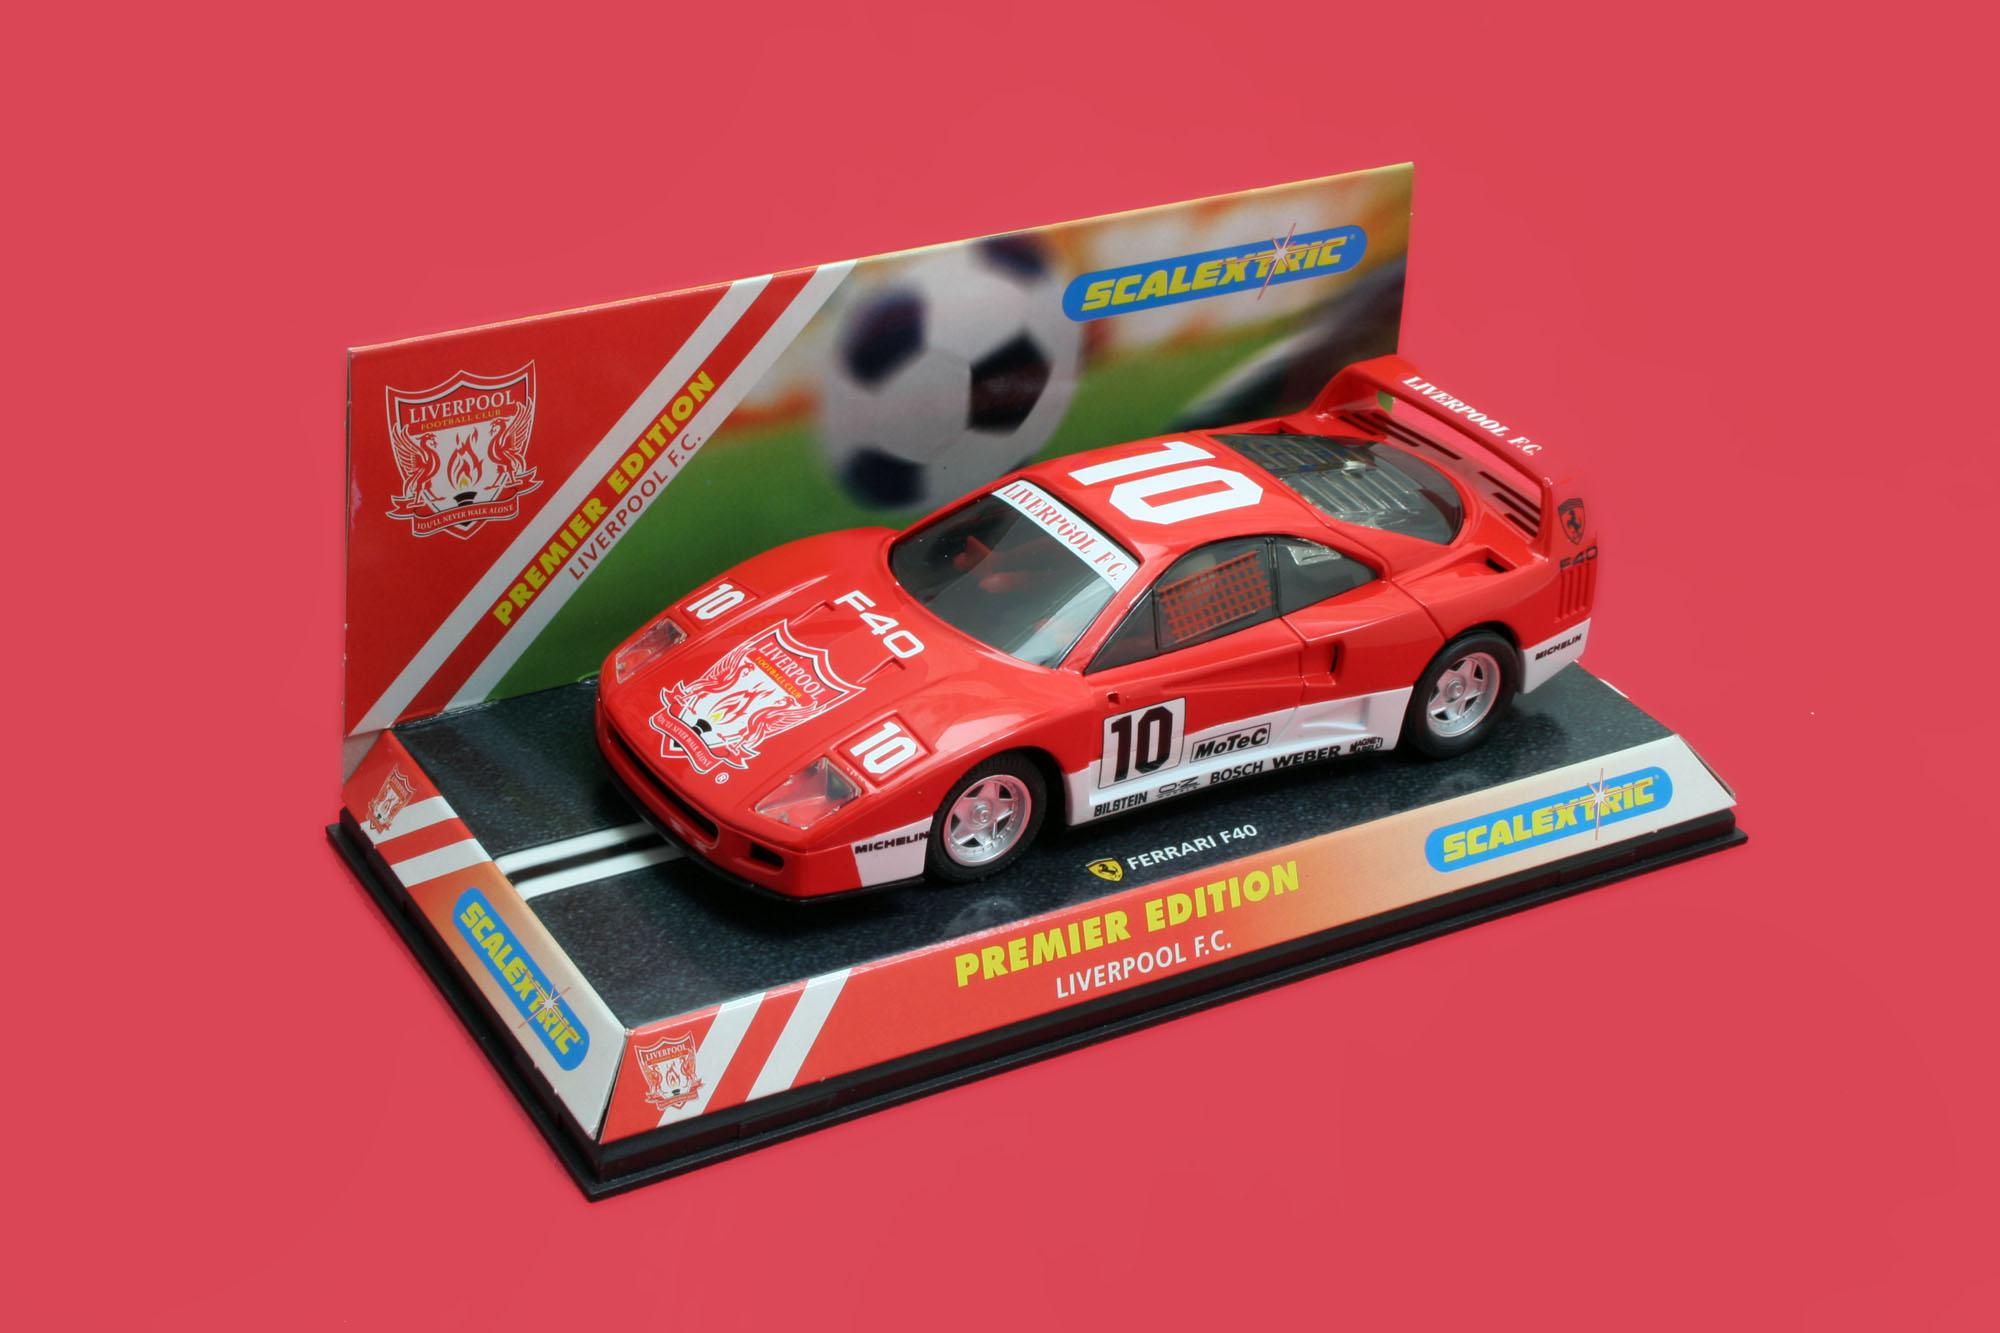 Slot car racing margate / Online gaming casino xanthi